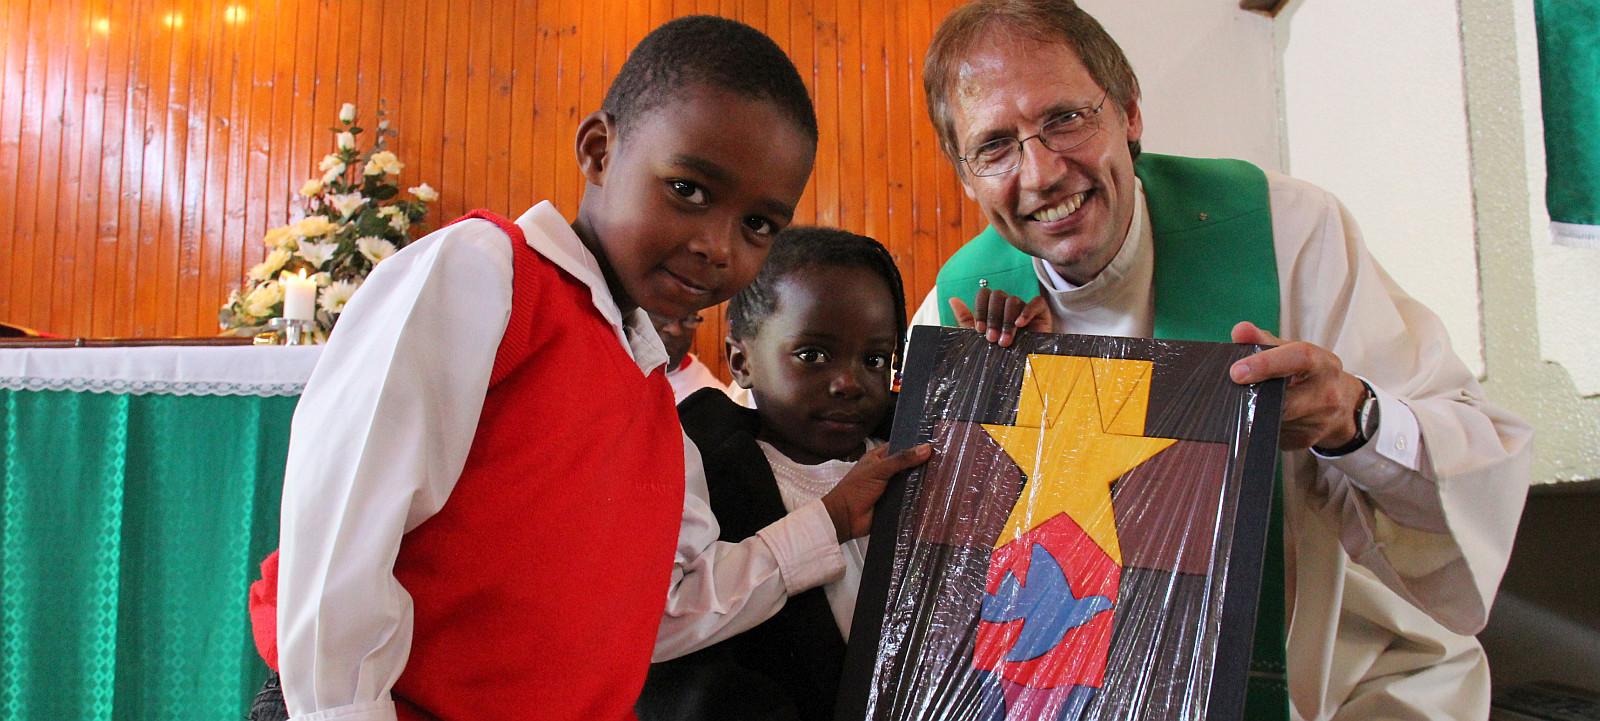 Permalink auf:4. bis 18. August 2015: Die Kirchenleitung in Namibia und Südafrika